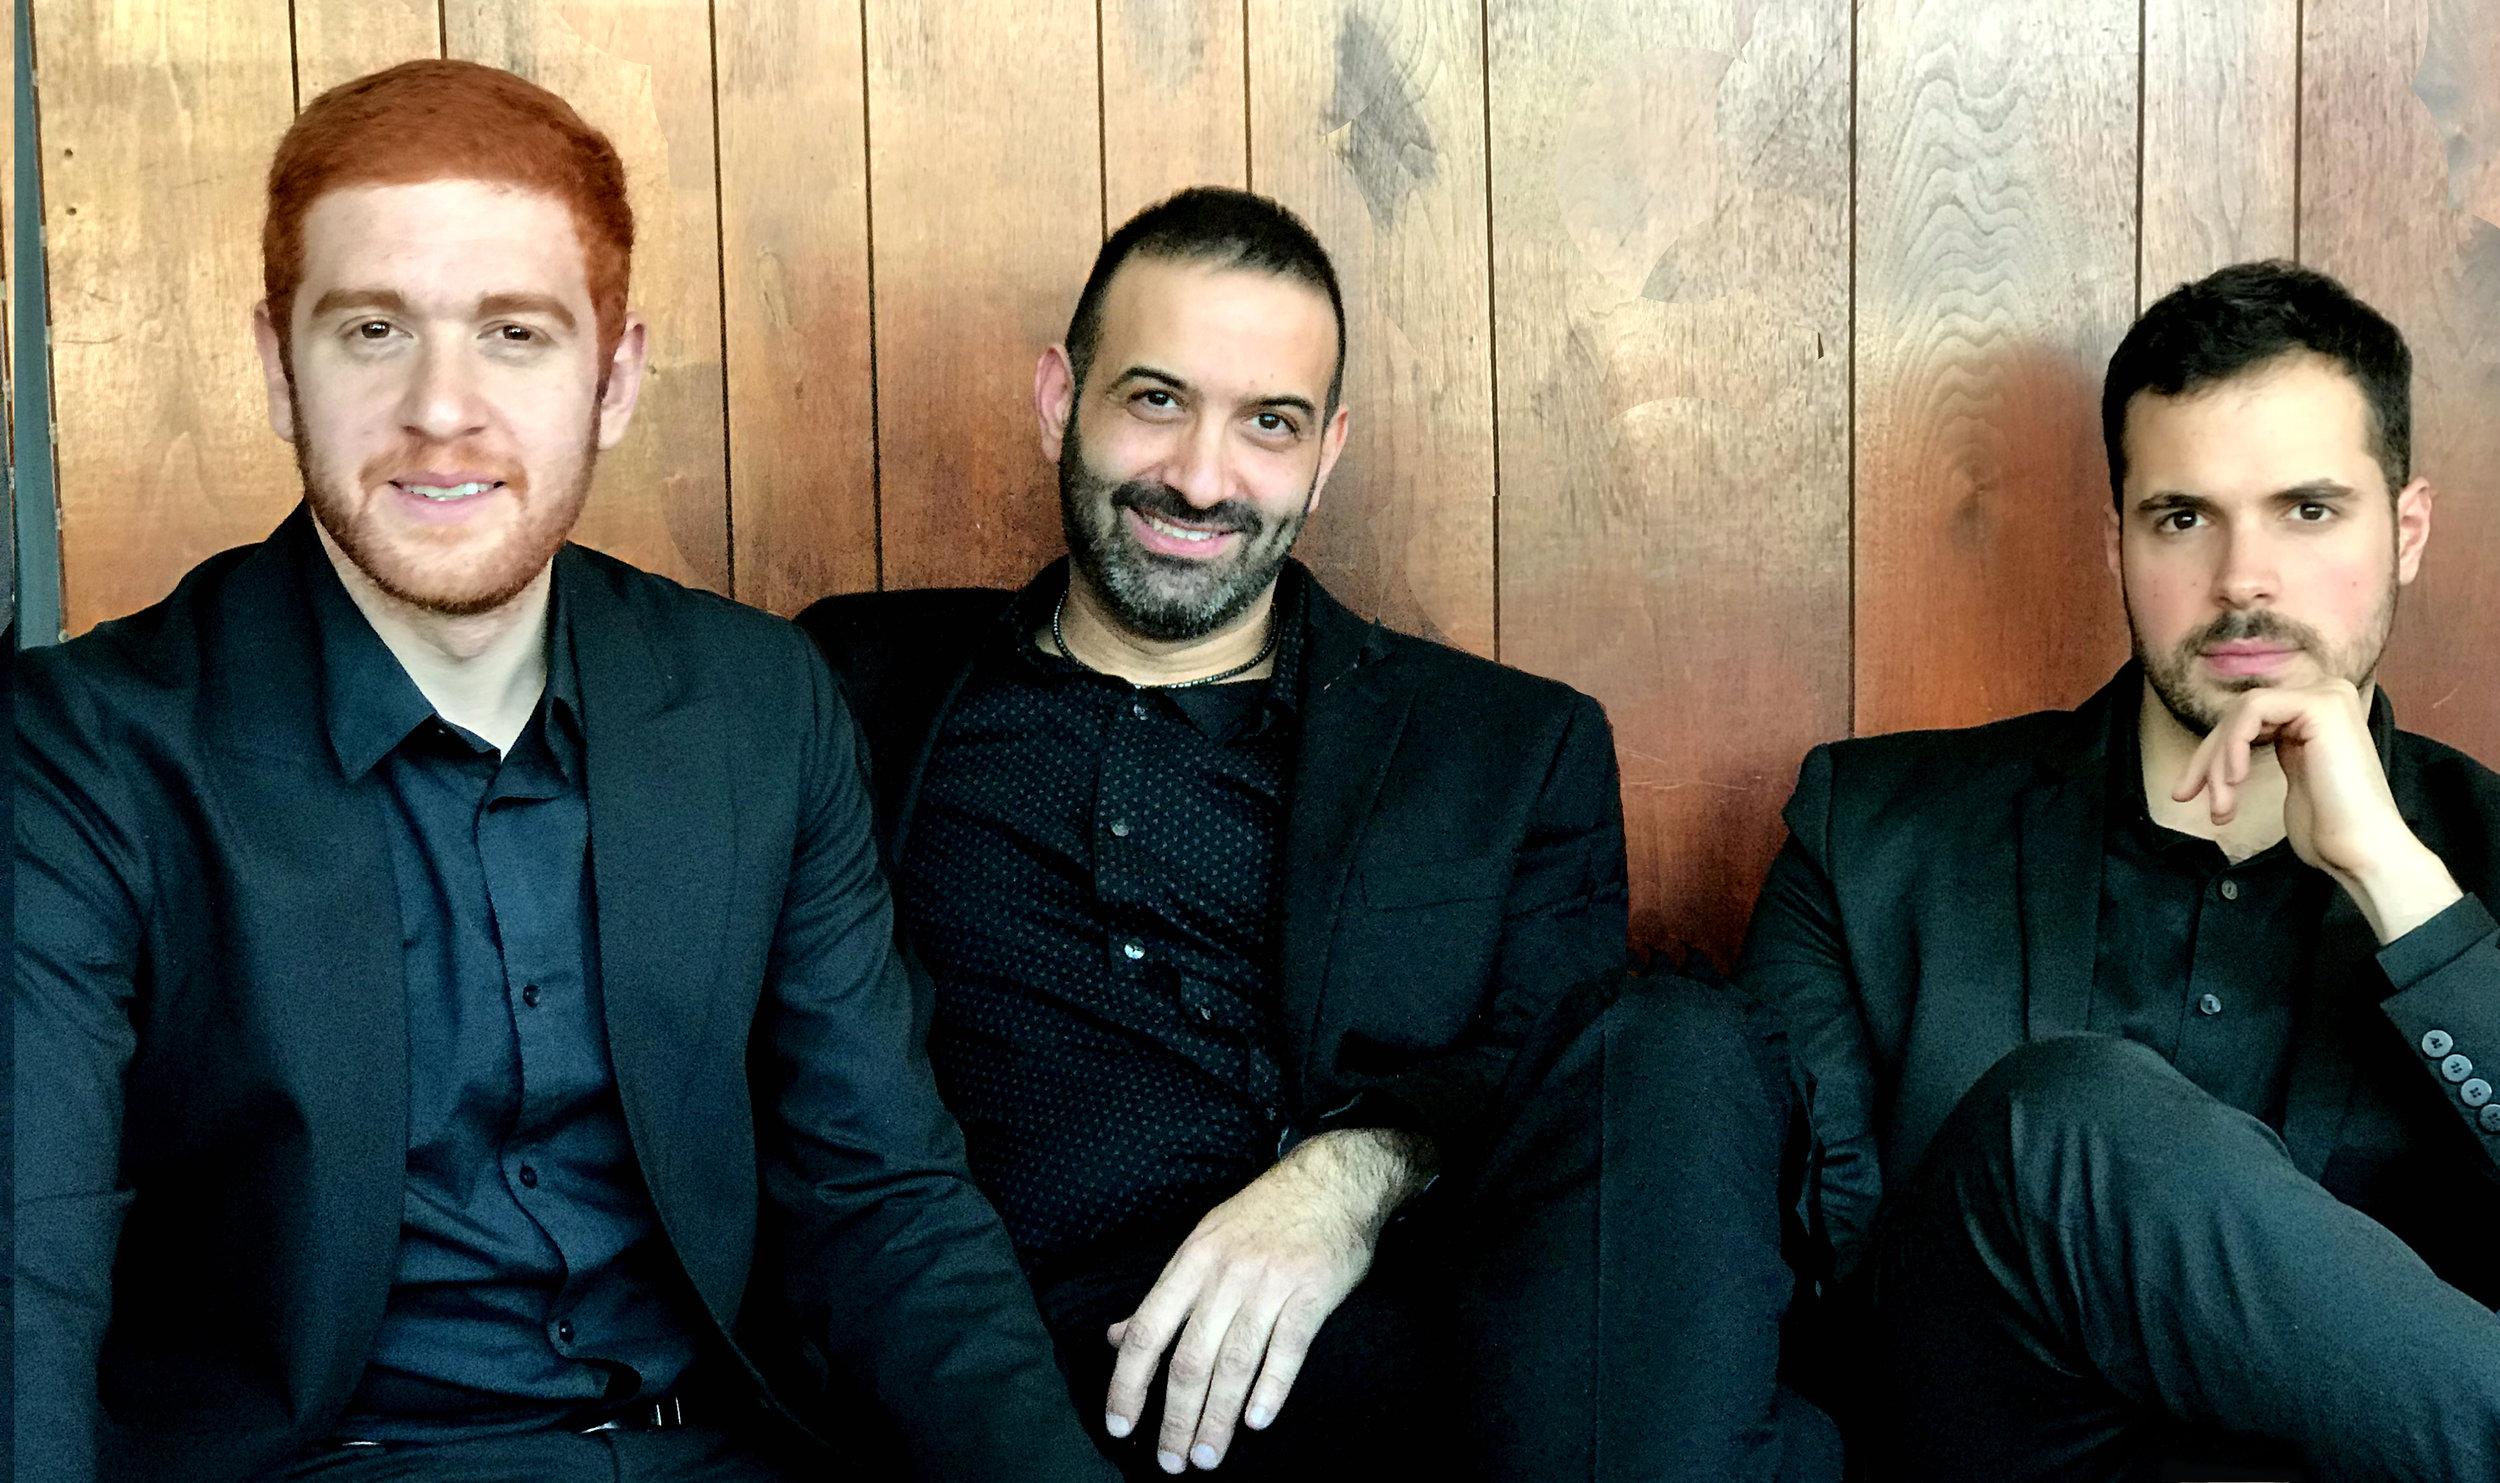 Ayn Trio - Layth Sidiq, Basel Zayed, and Naseem Alatrash